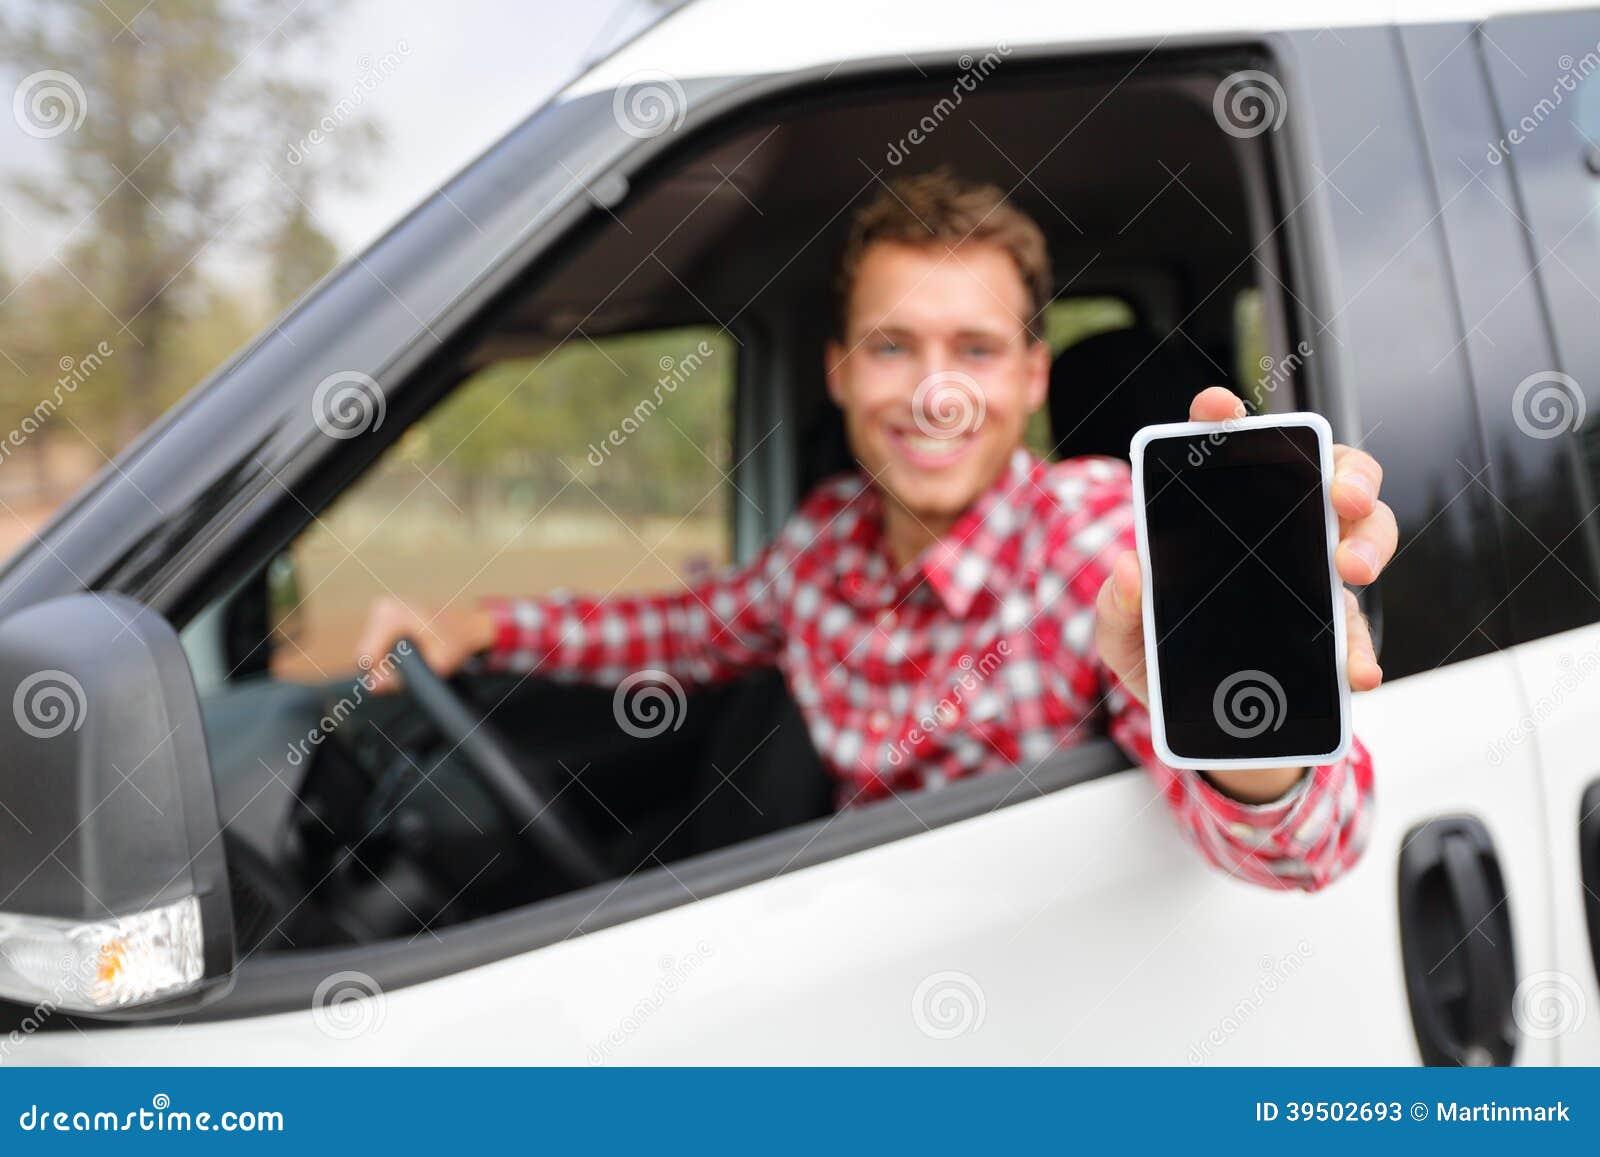 Uomo dello Smart Phone nella guida di veicoli mostrando smartphone